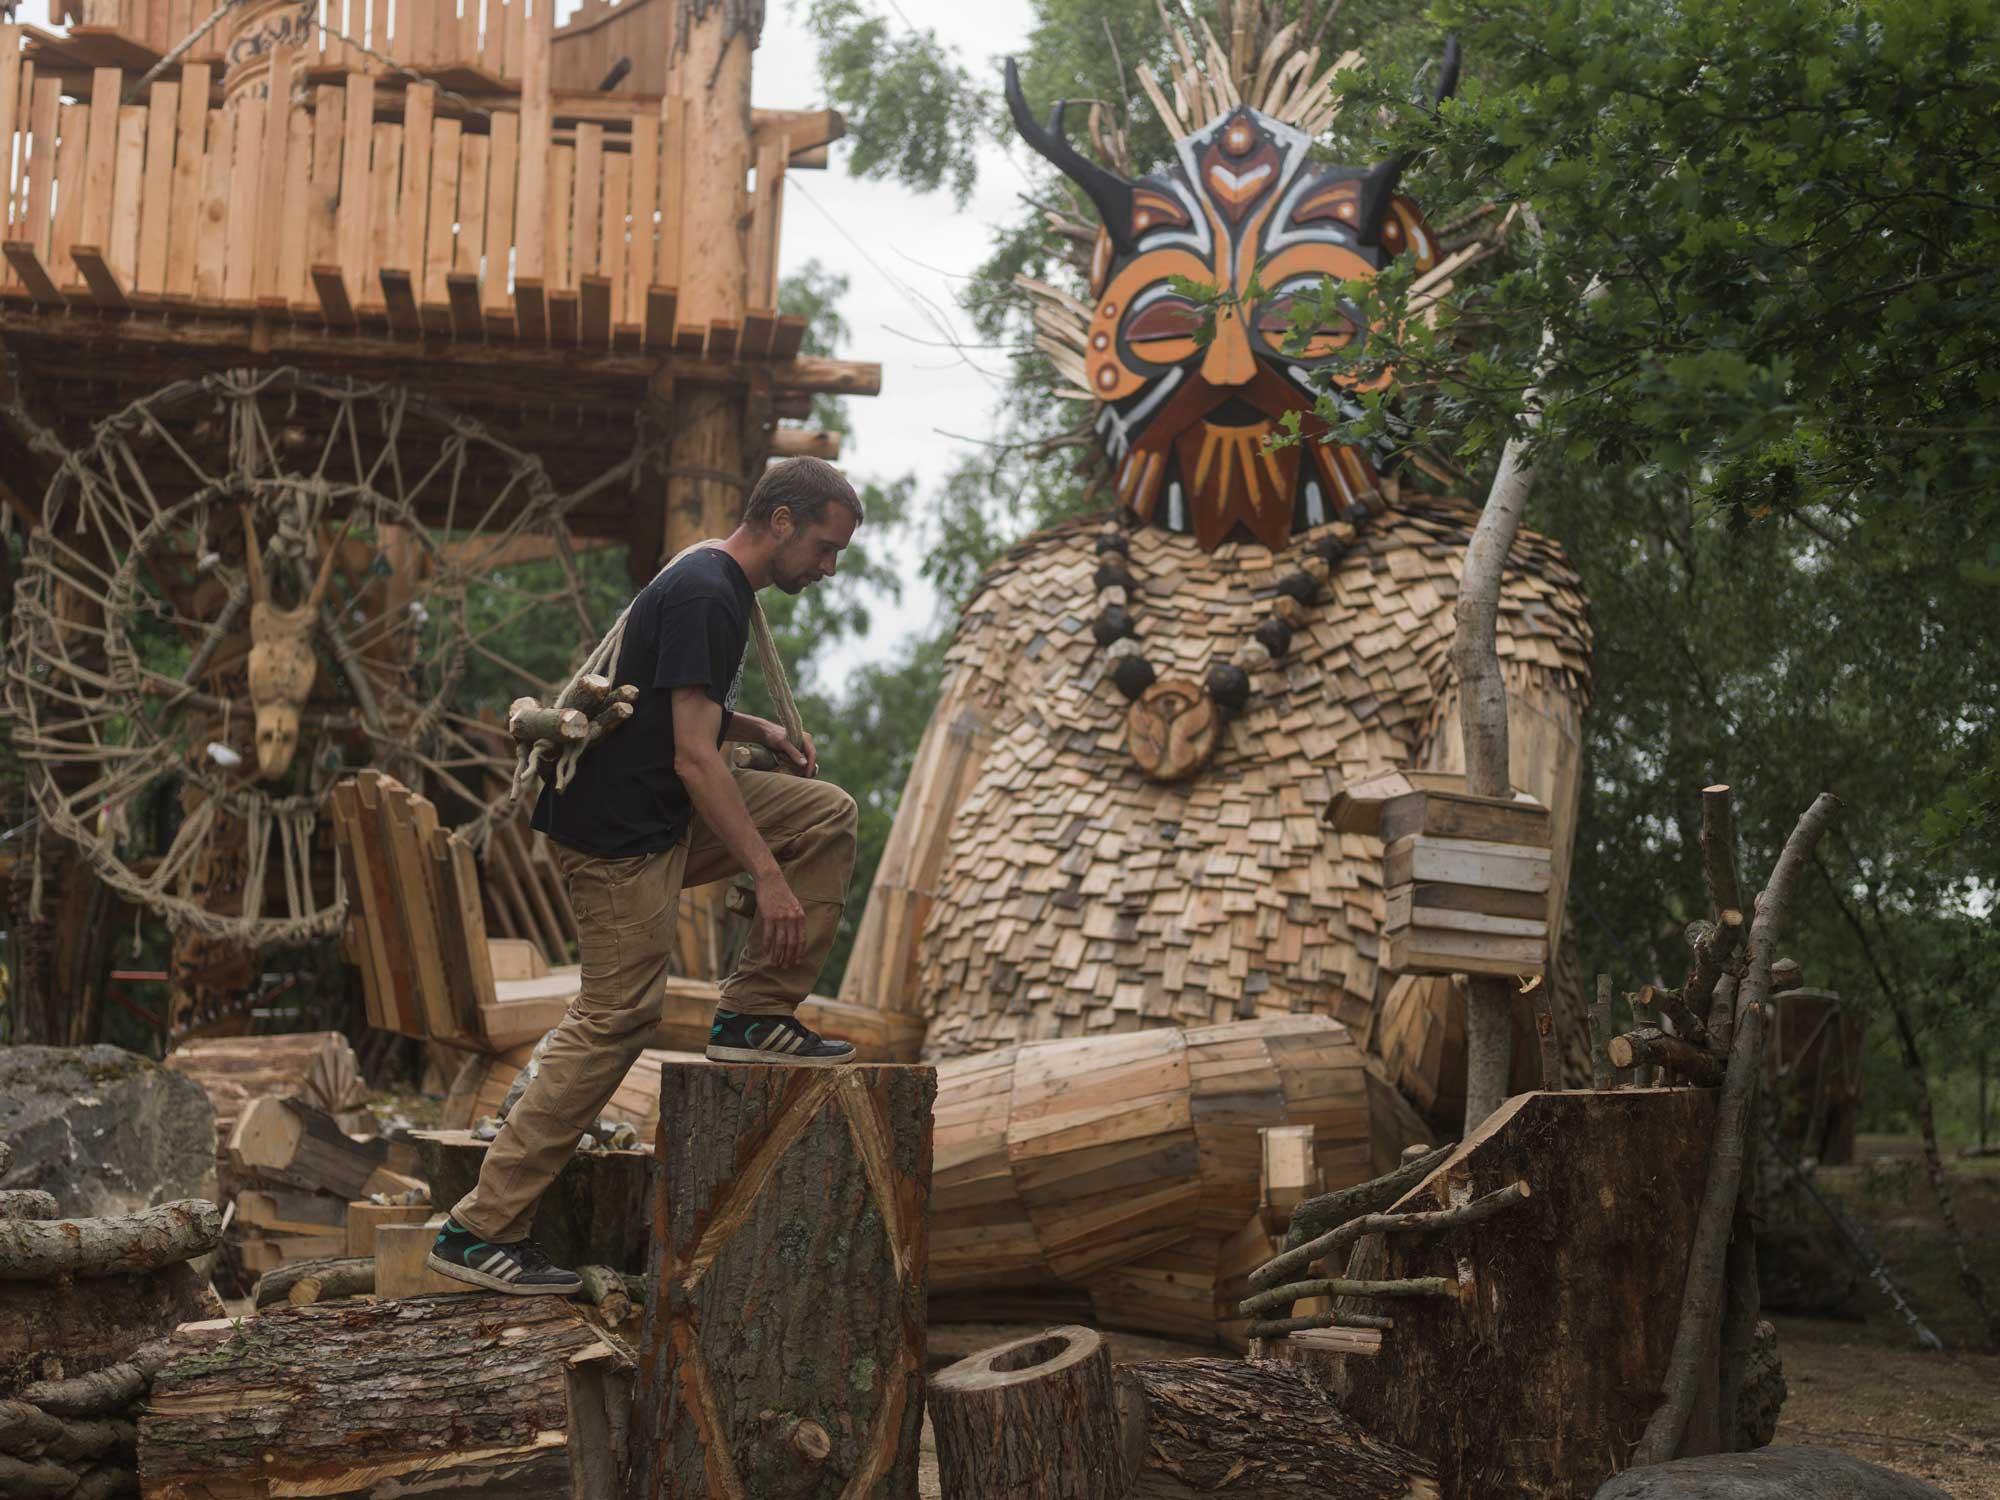 Fantastische Holzmonster im belgischen Wald Thomas-Dambo-belgien-holzriesen_04